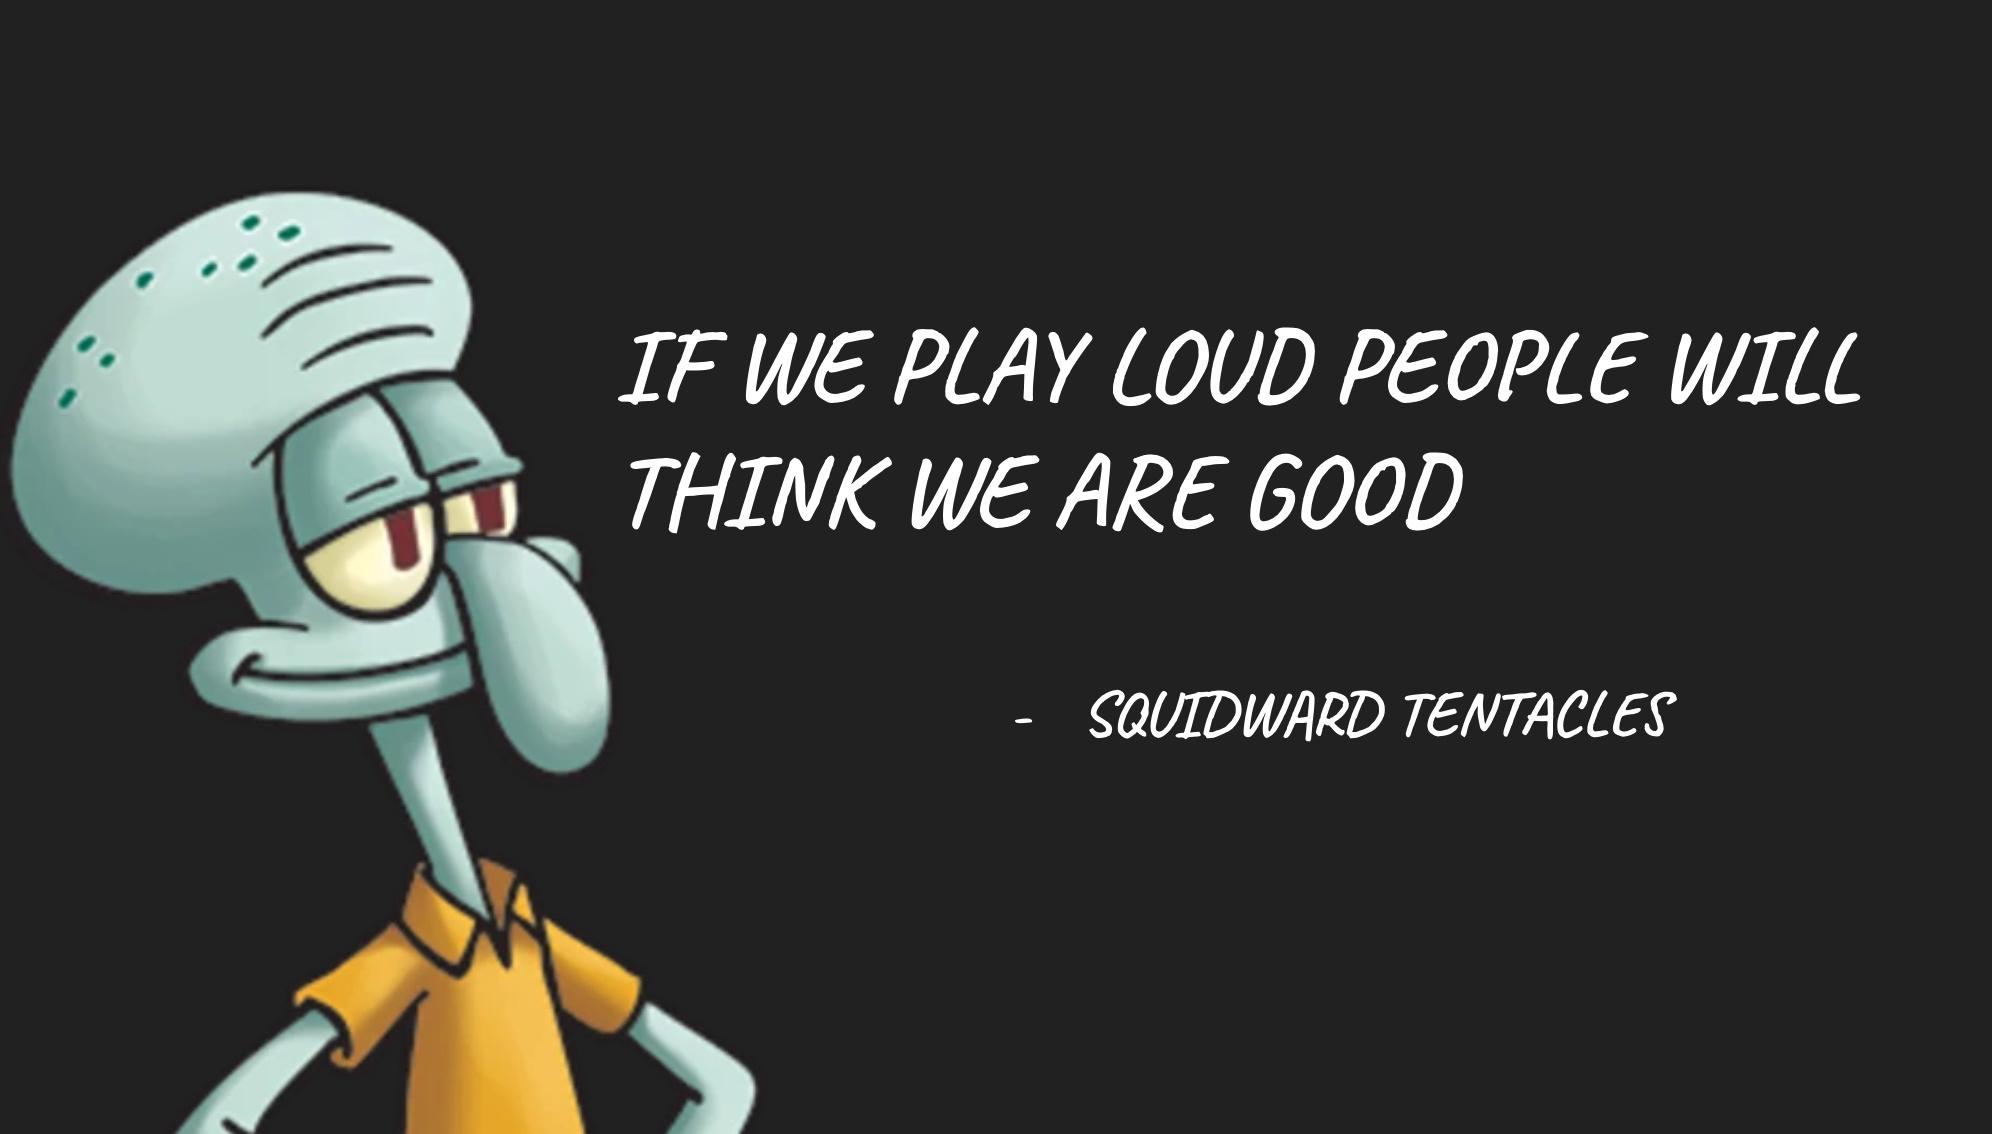 Squidward Quote - meme